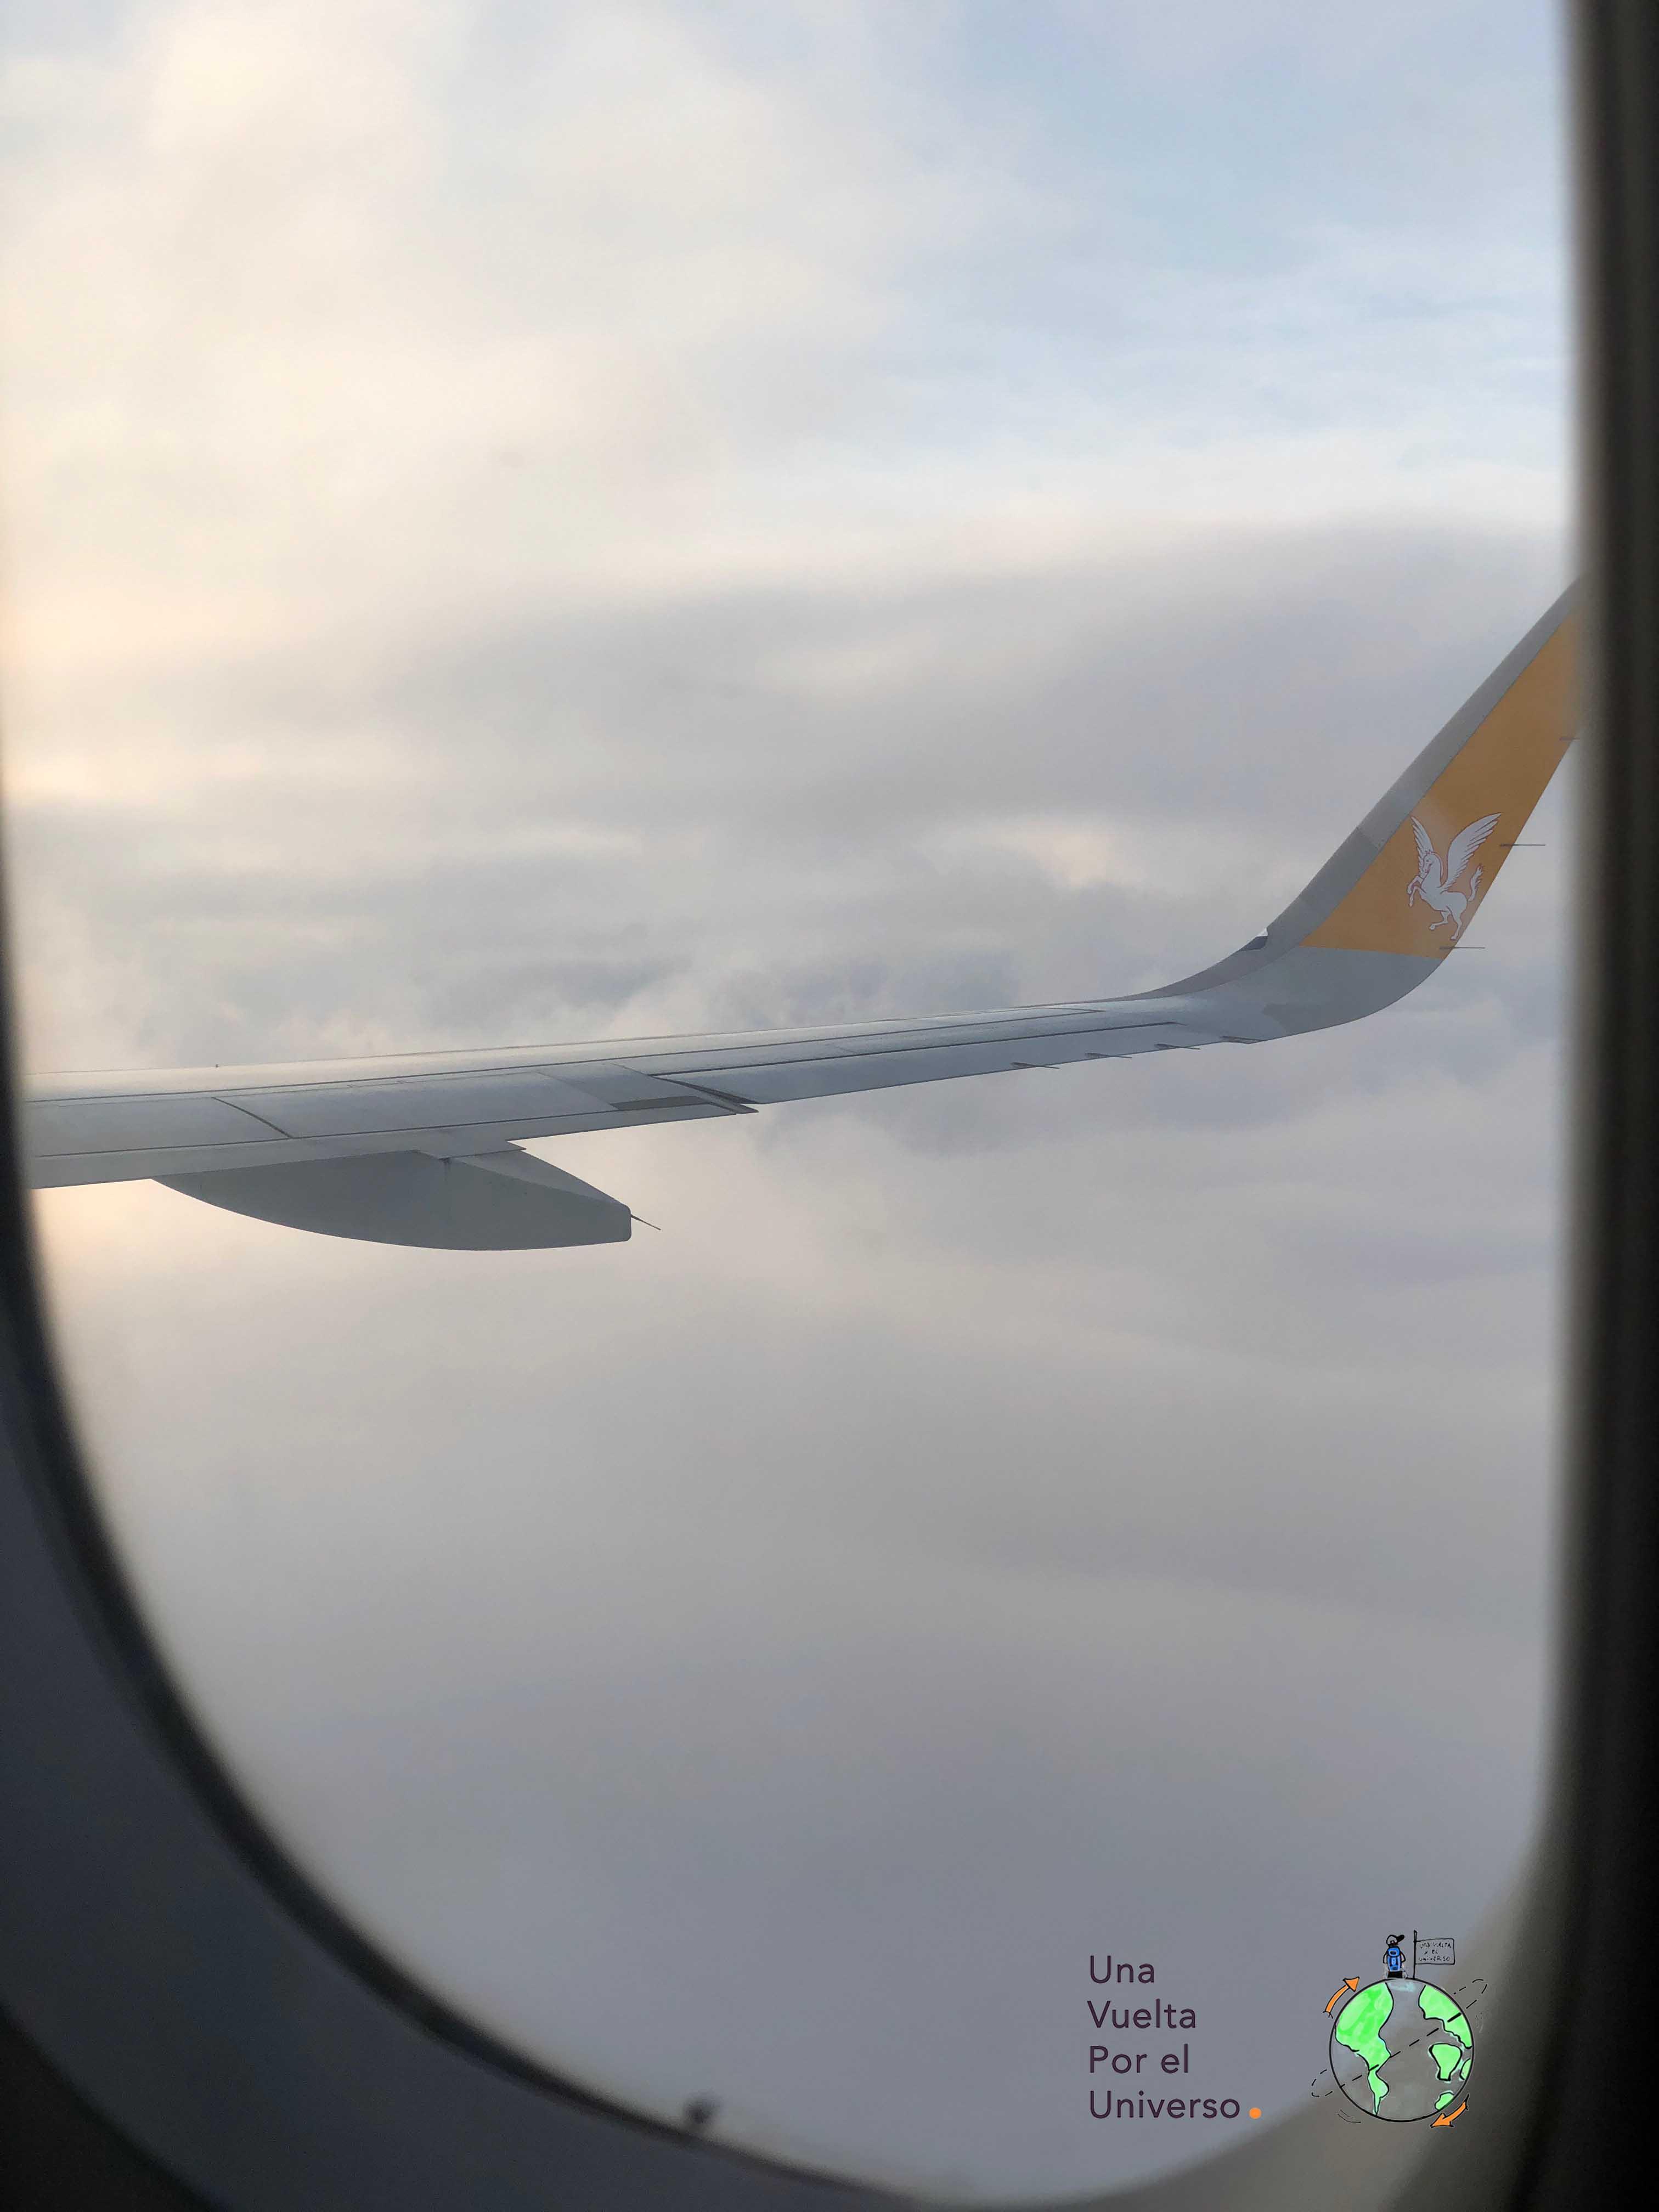 Benditos vuelos low cost